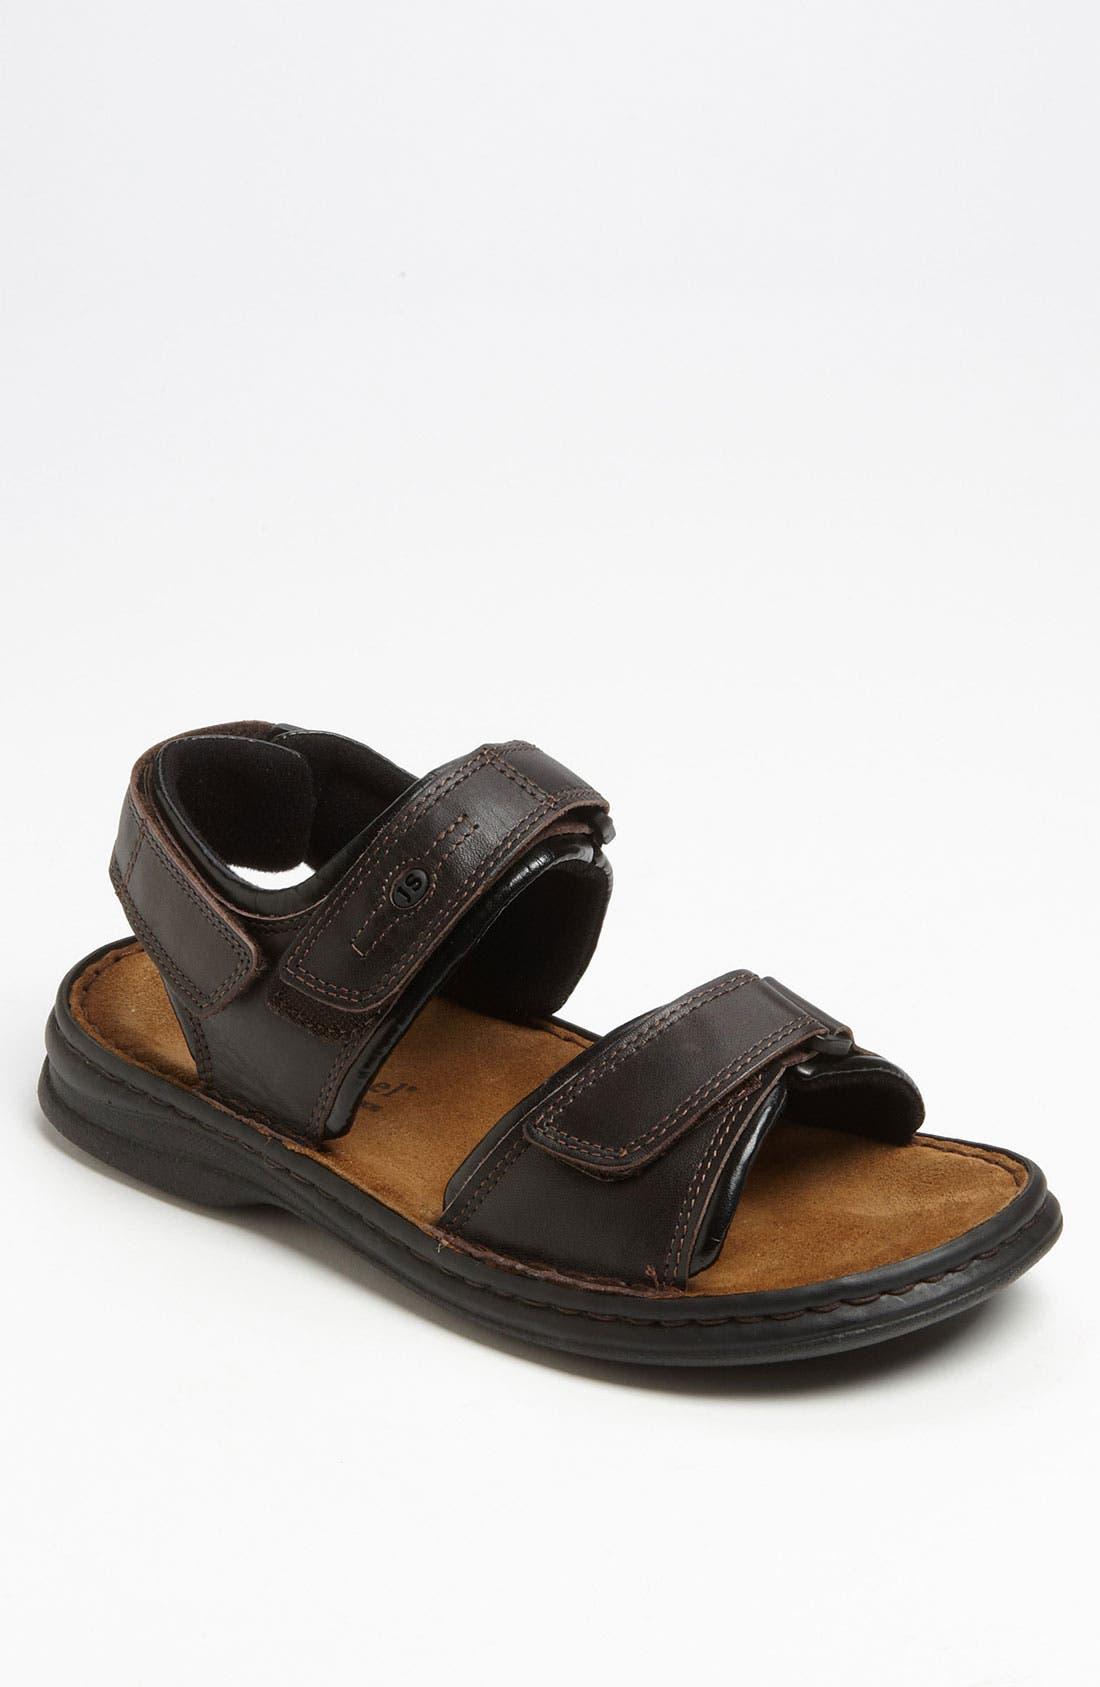 JOSEF SEIBEL 'Rafe' Sandal